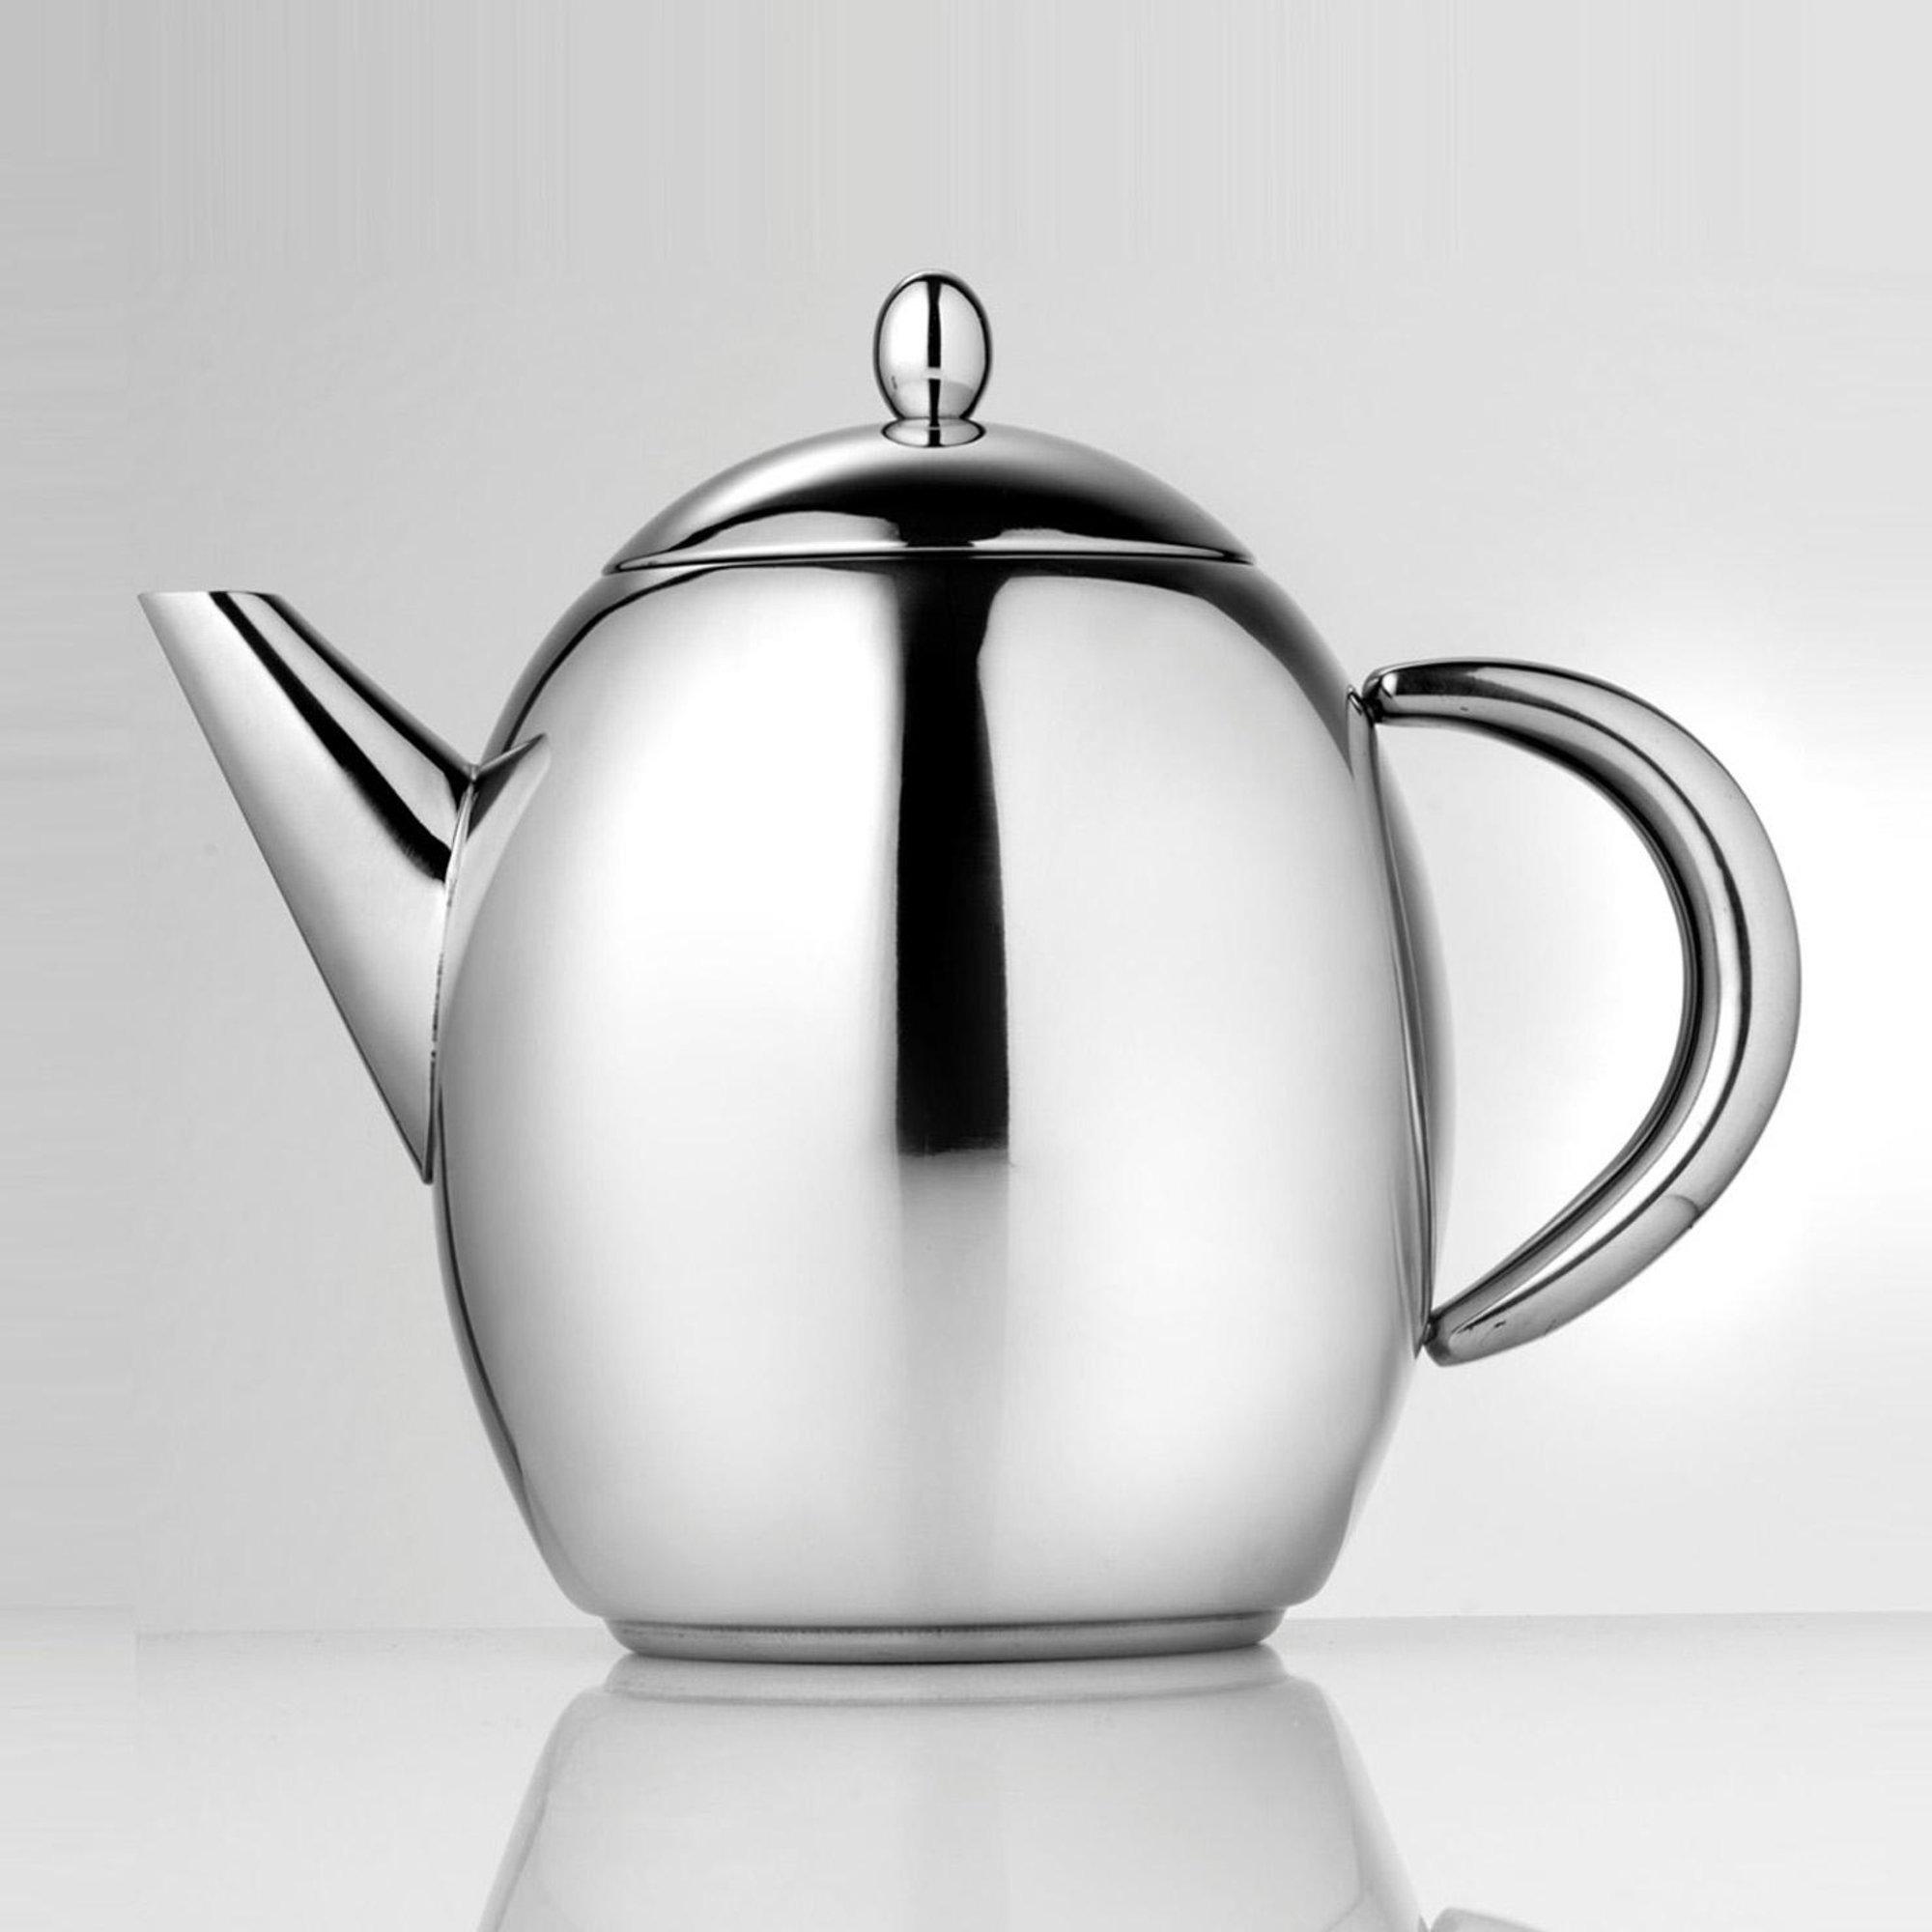 La Cafetiere Paris Teapot 1000 ml